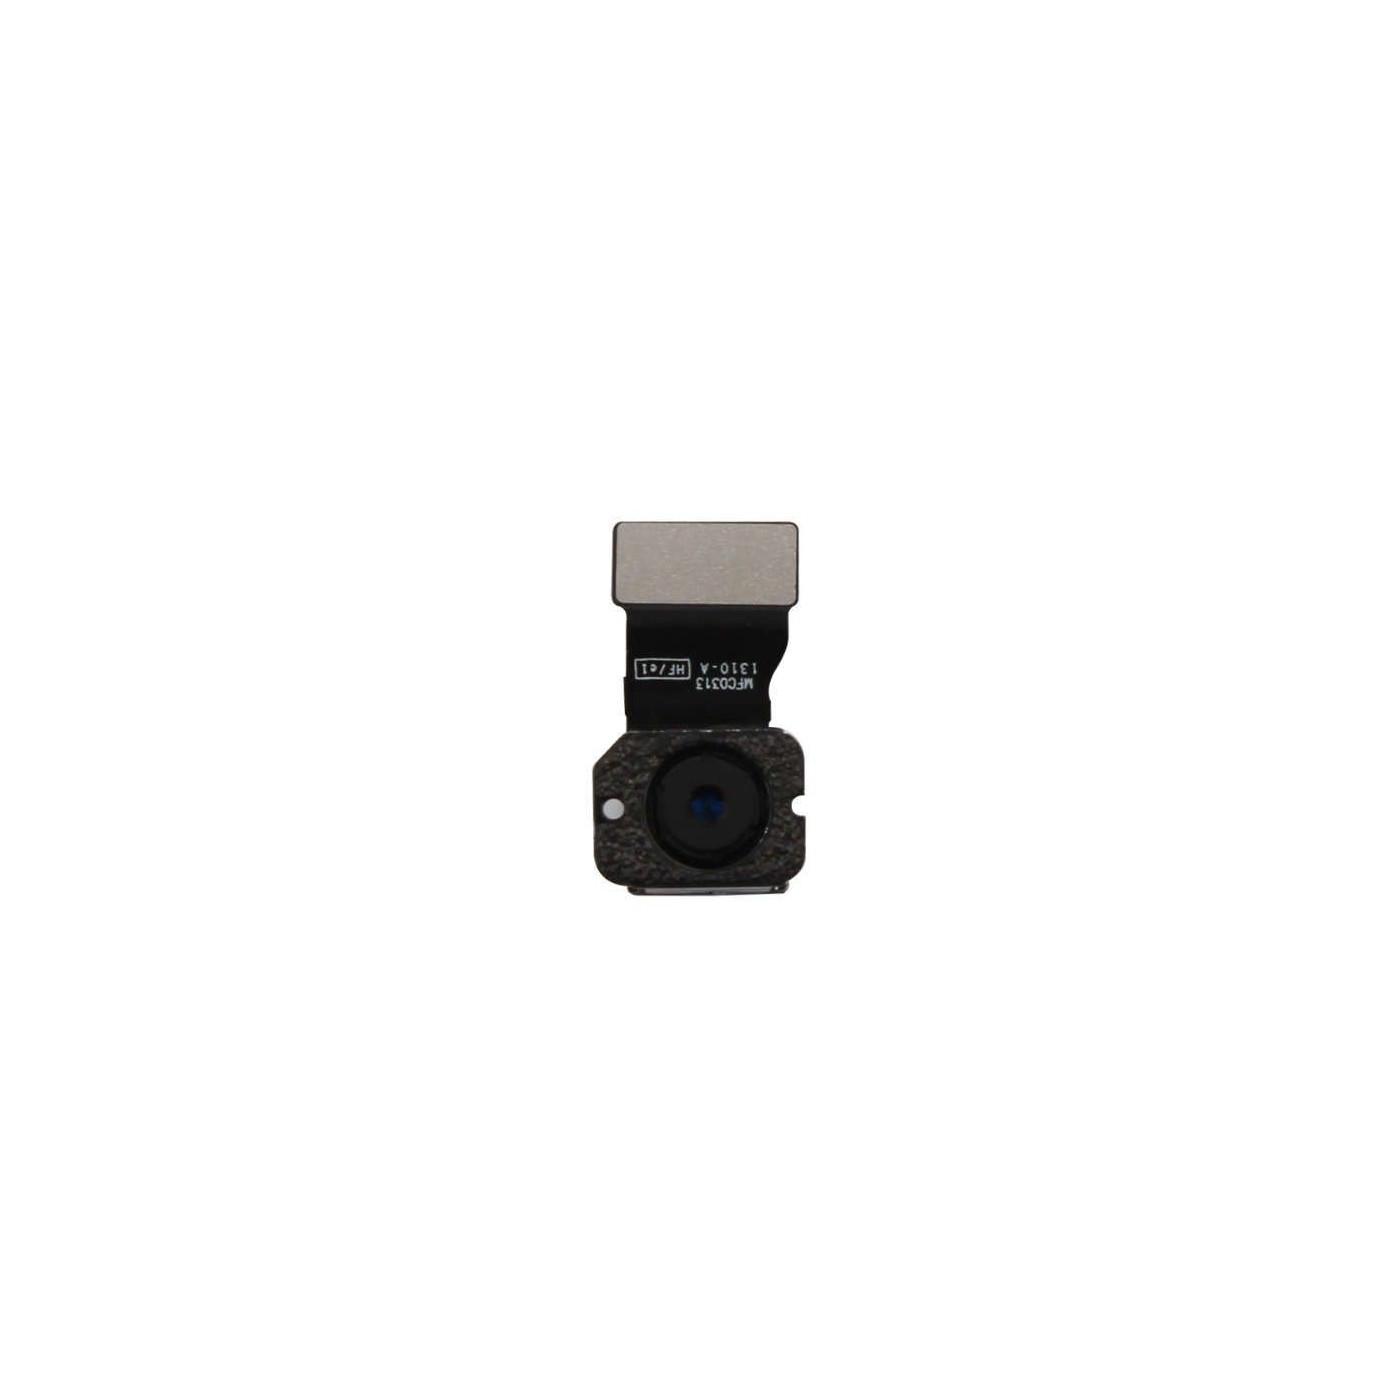 Rückfahrkamera für Apple ipad 3 ipad 4 Rückseite hinten